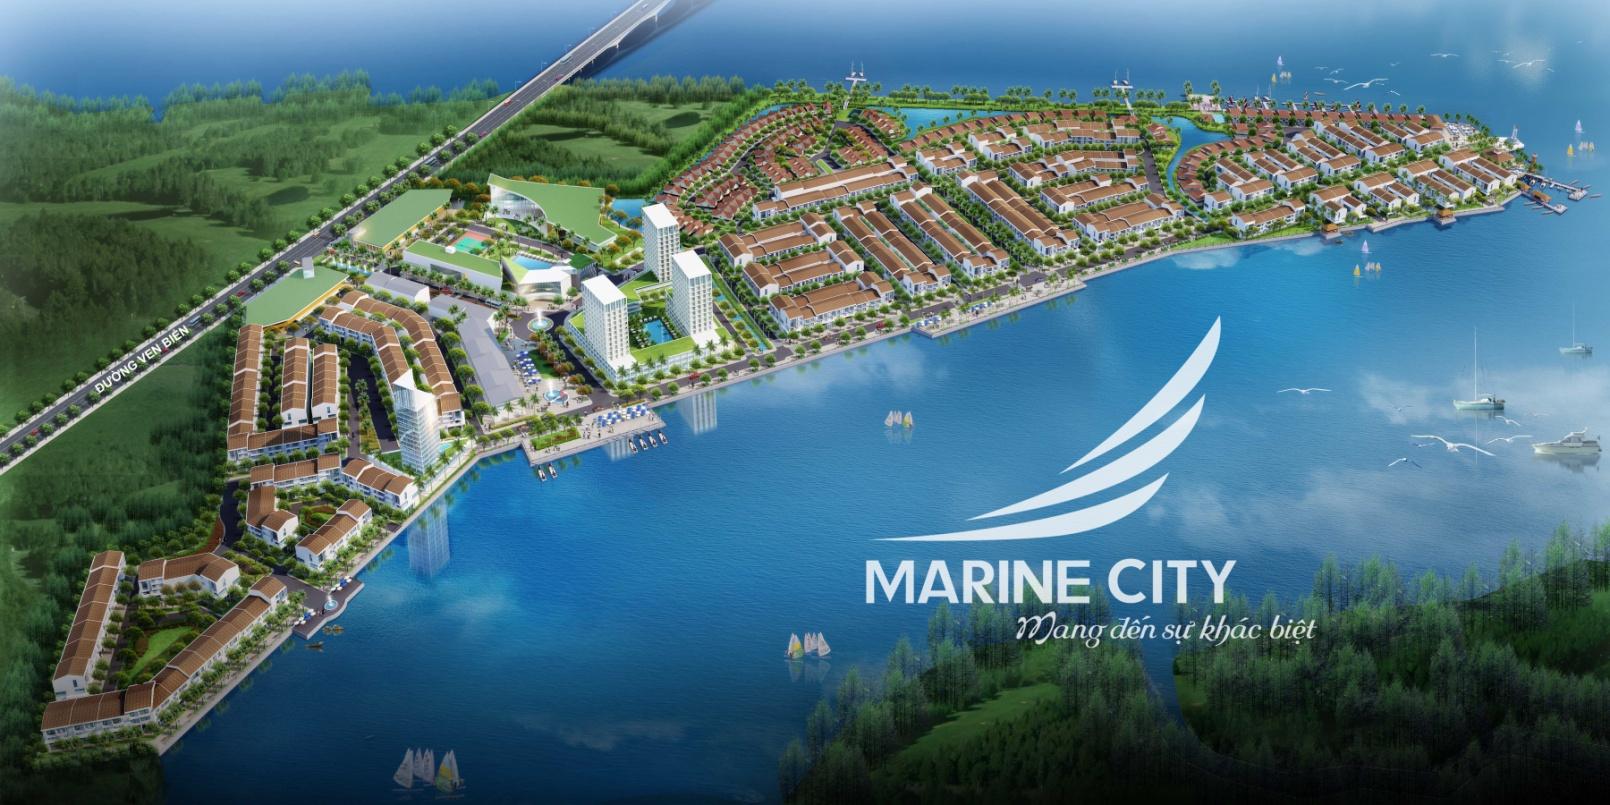 Quy mô dự án đất nền Marine City Vũng Tàu